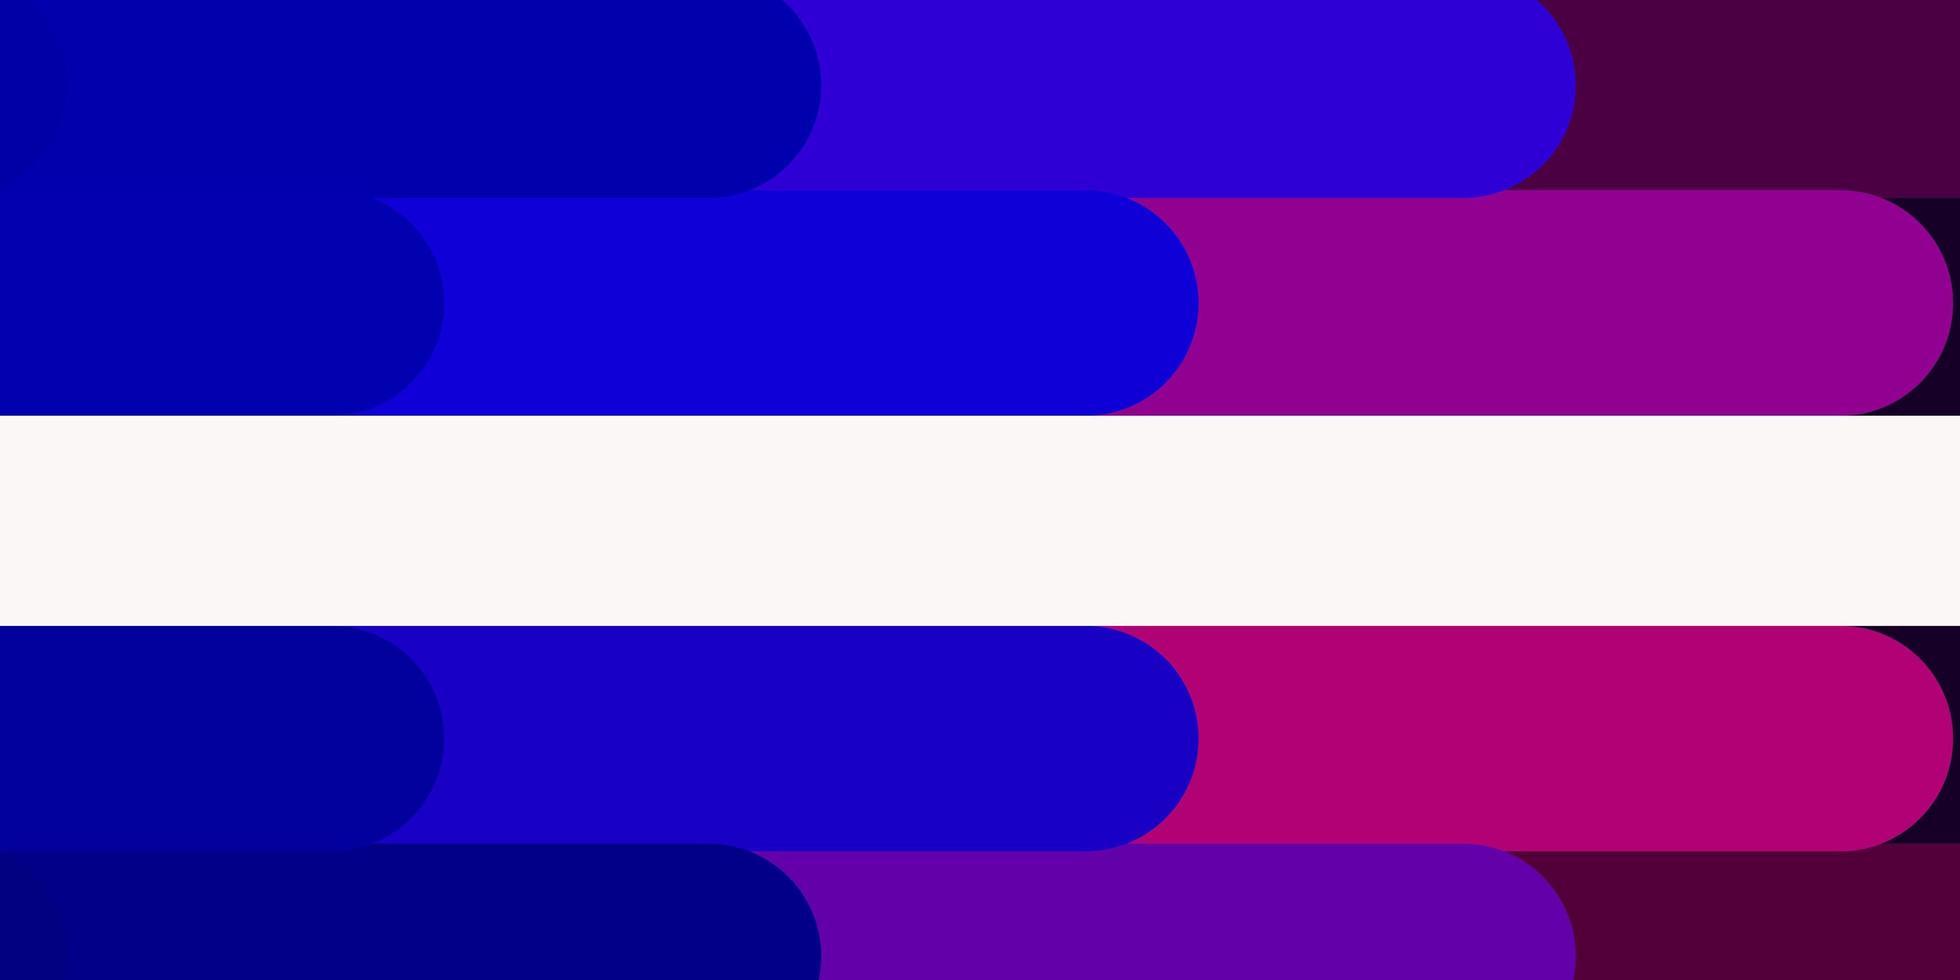 layout de vetor azul e vermelho claro com linhas.